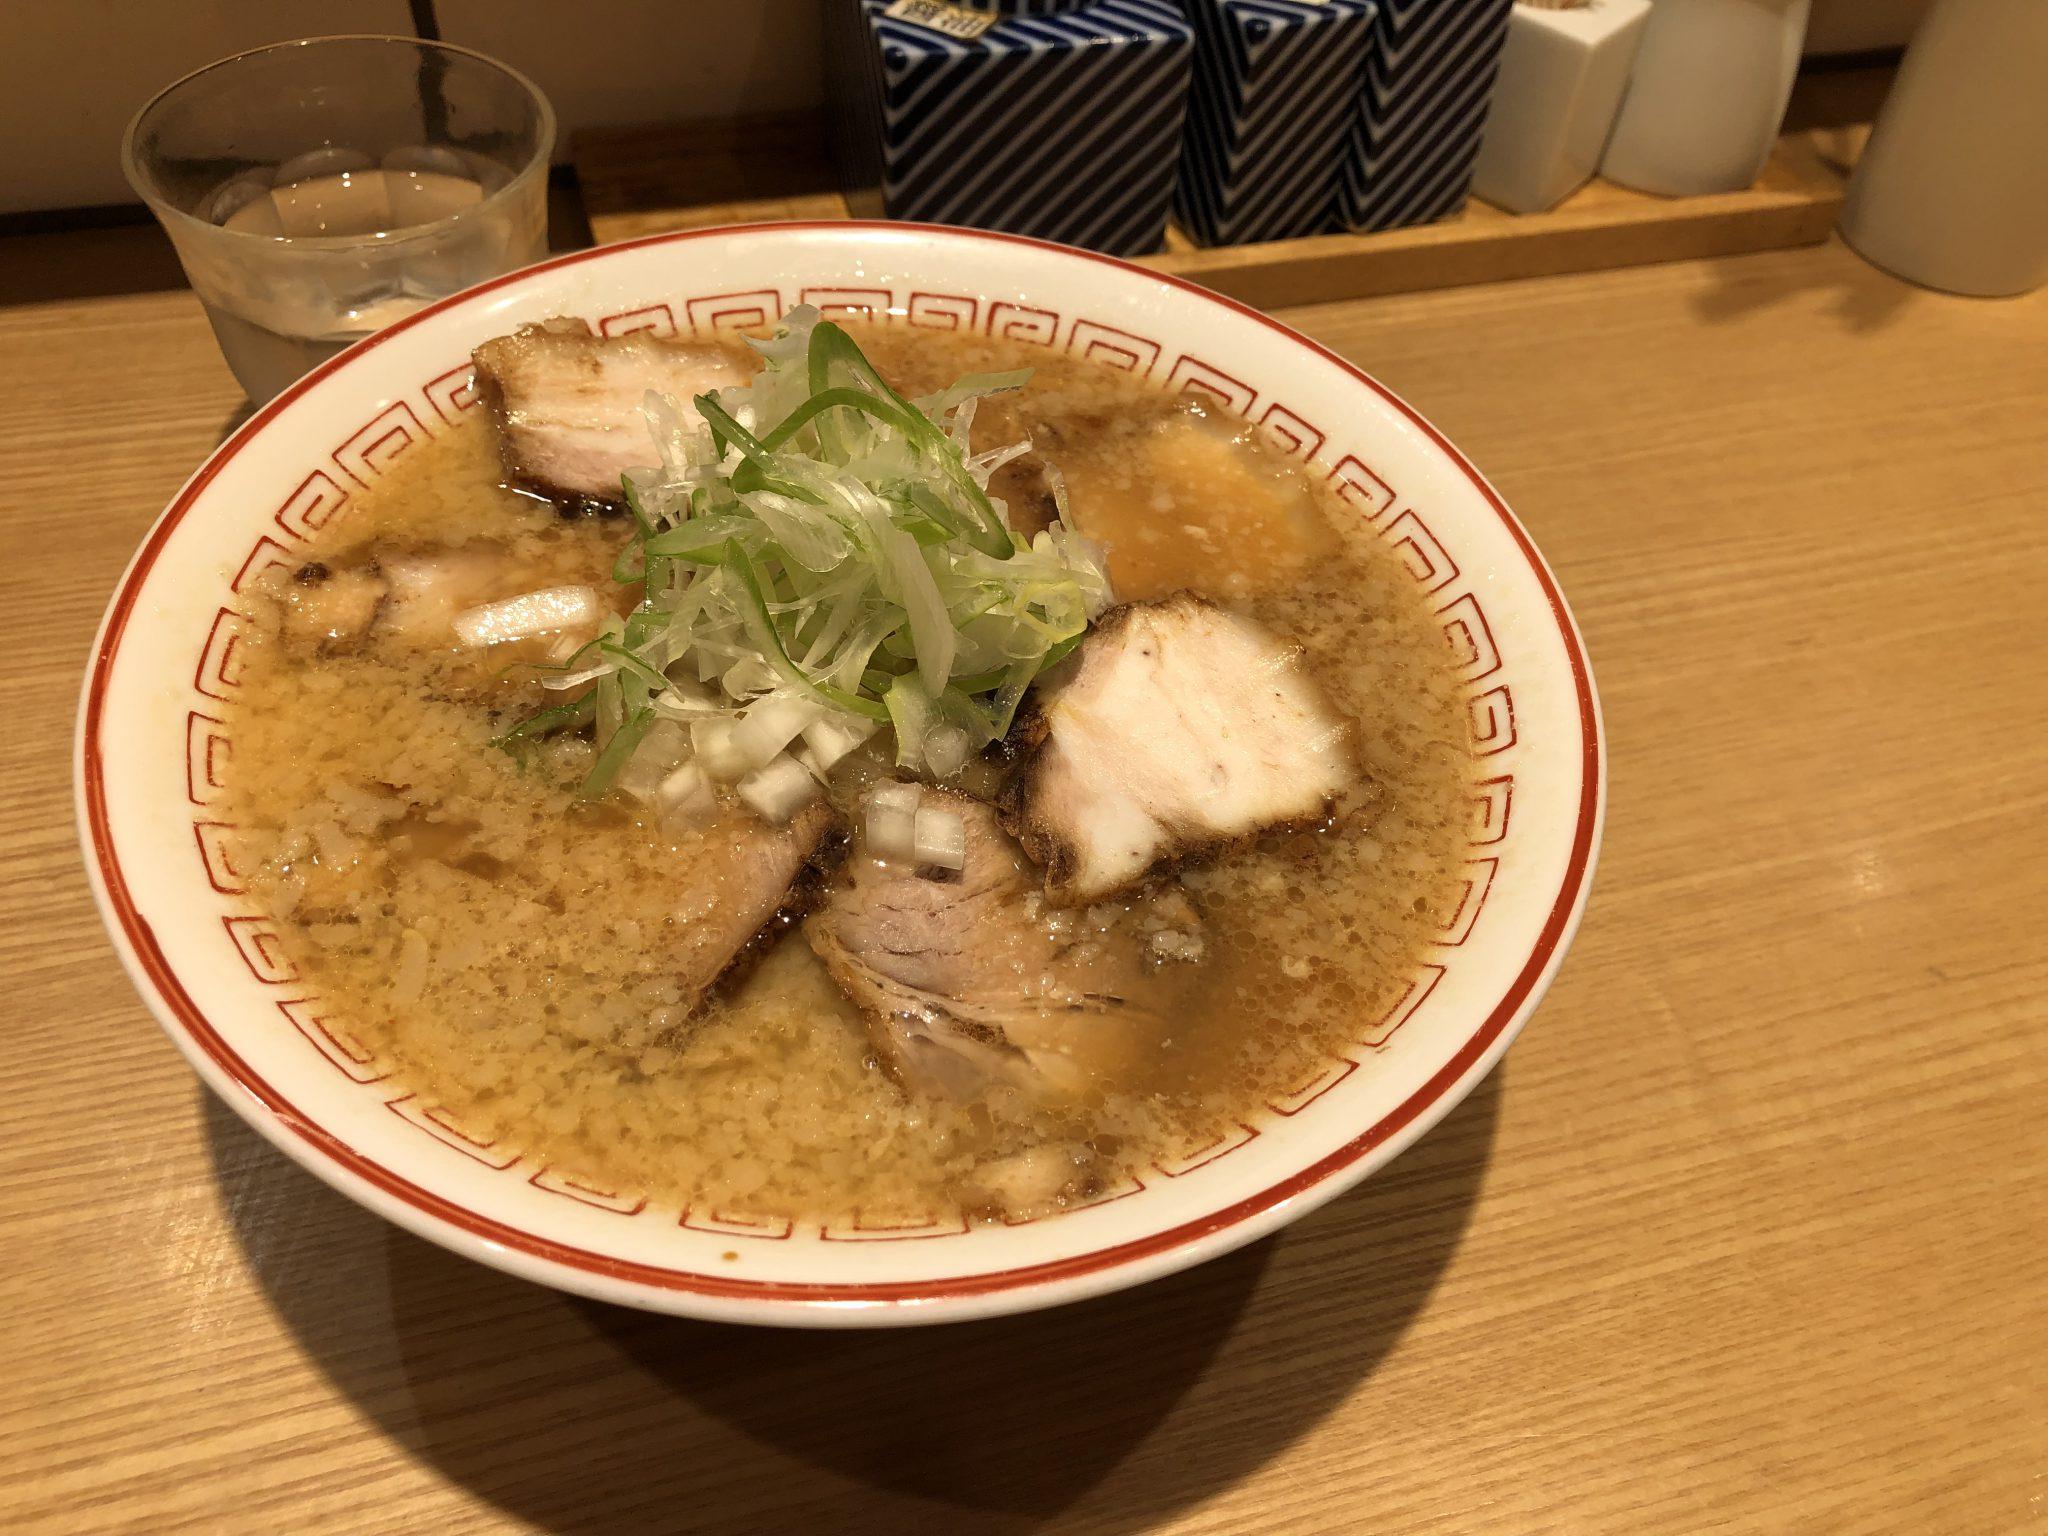 きたかた食堂|新橋でラーメンランチ~しっかり味の味噌スープと香ばしいチャーシューがgood